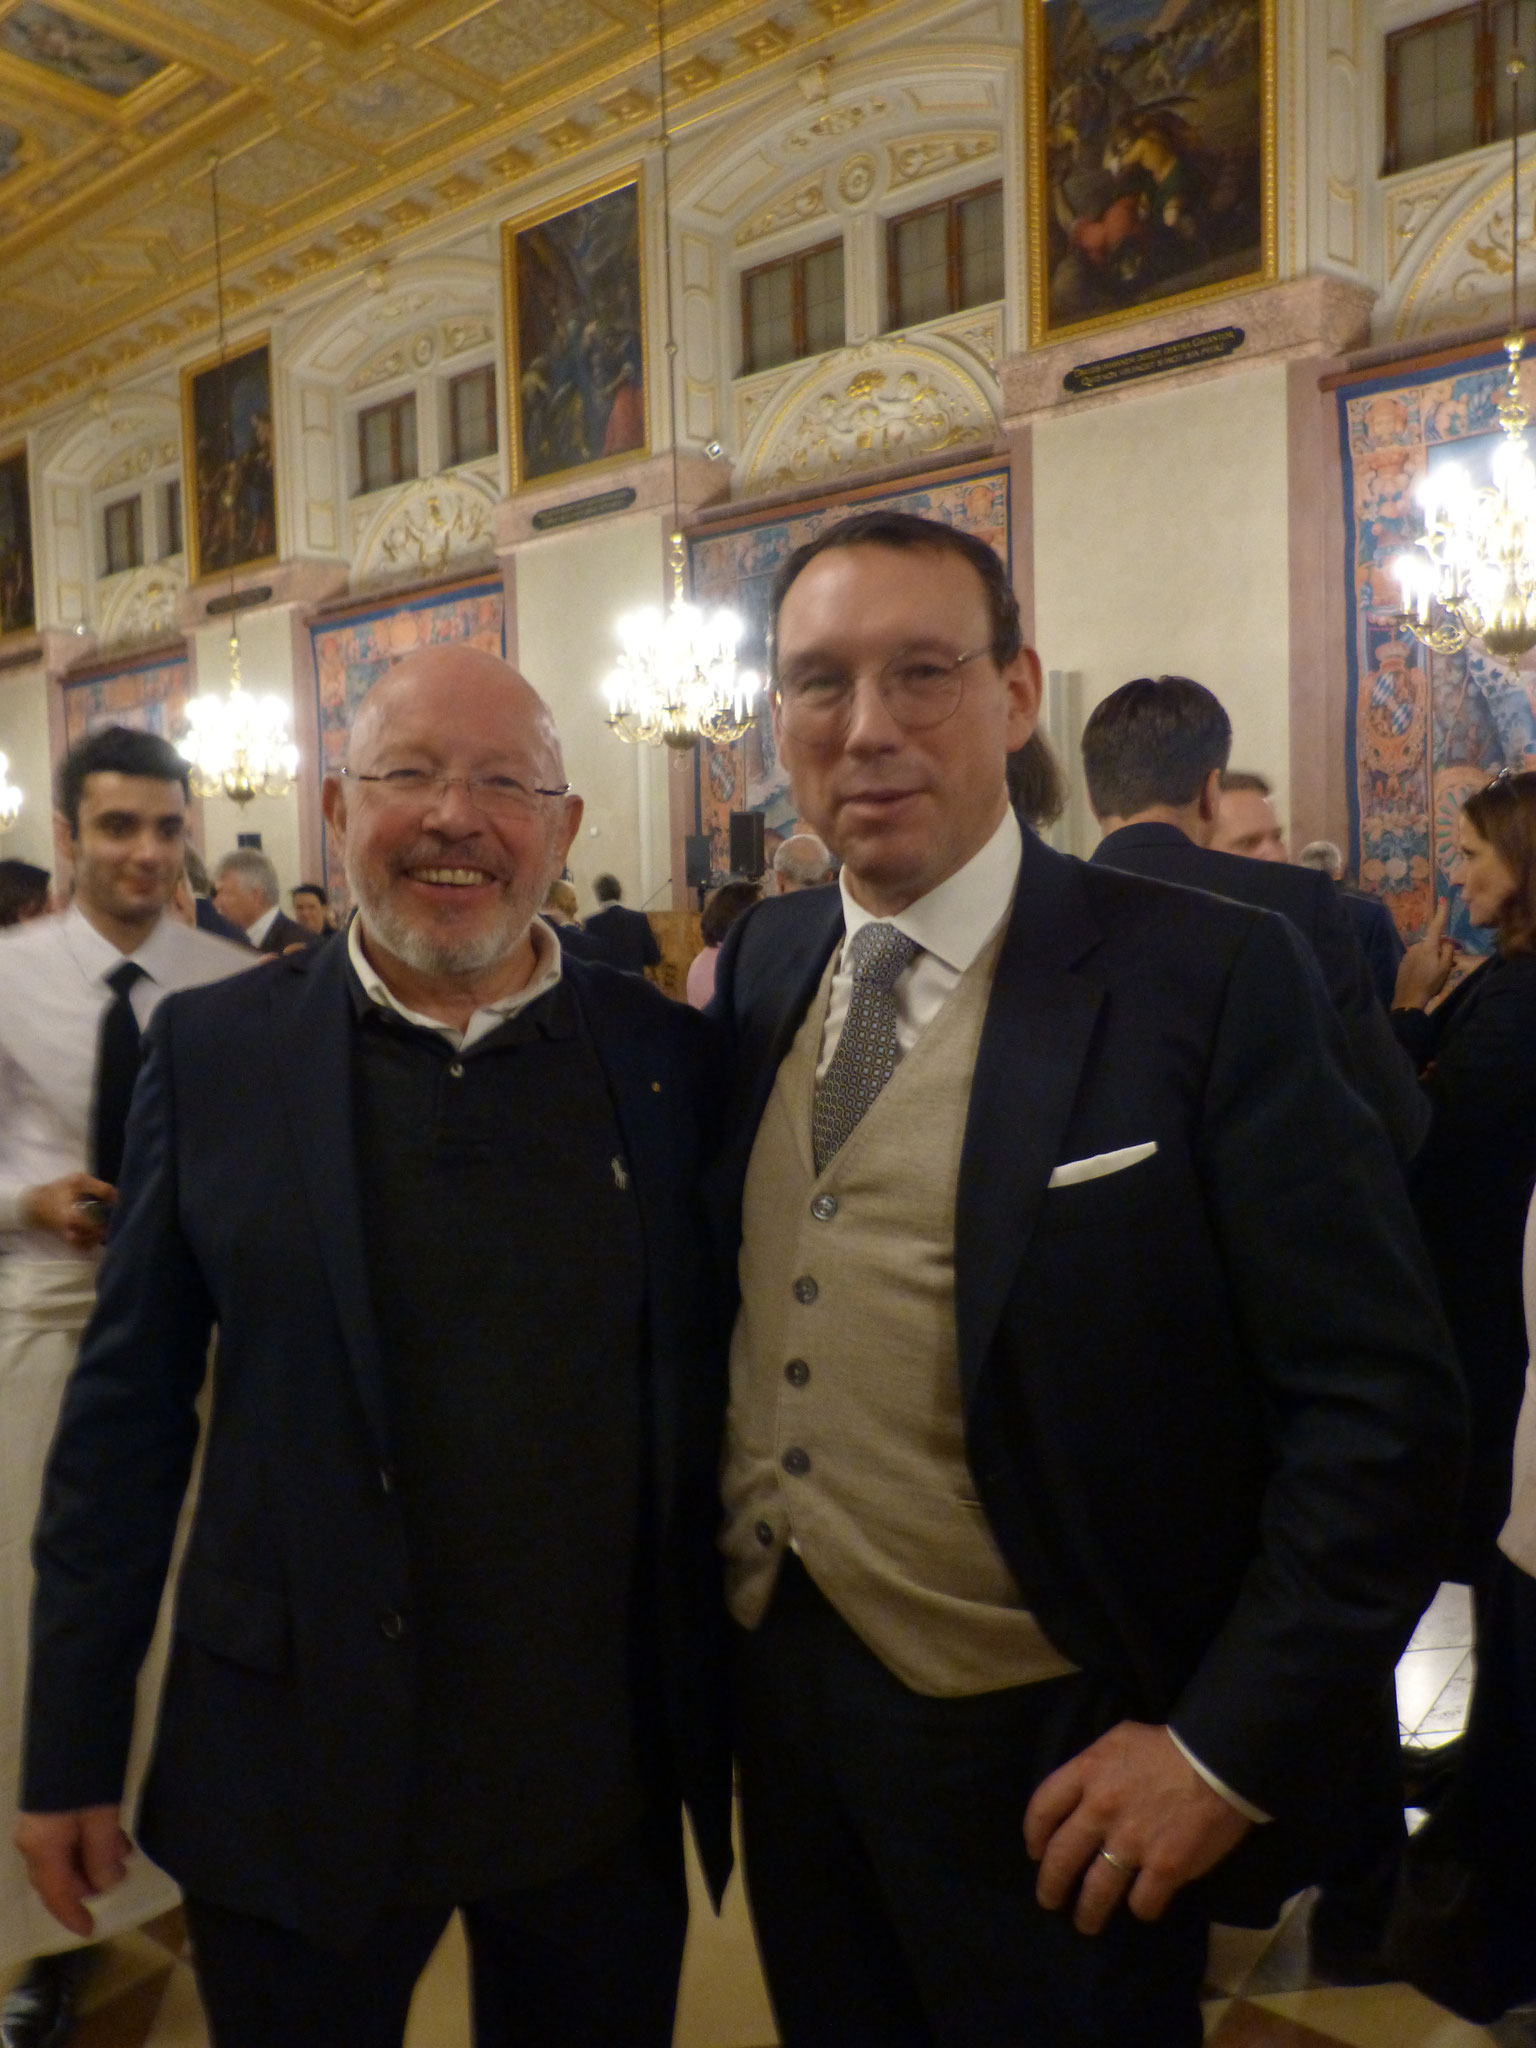 BRSI Vorstand Dr. Dieter Körner im Gespräch mit Herrn Hans Hammer Vizepräsident des Wirtschaftsbeirates der Union und Vorstandsvorsitzender der Hammer AG